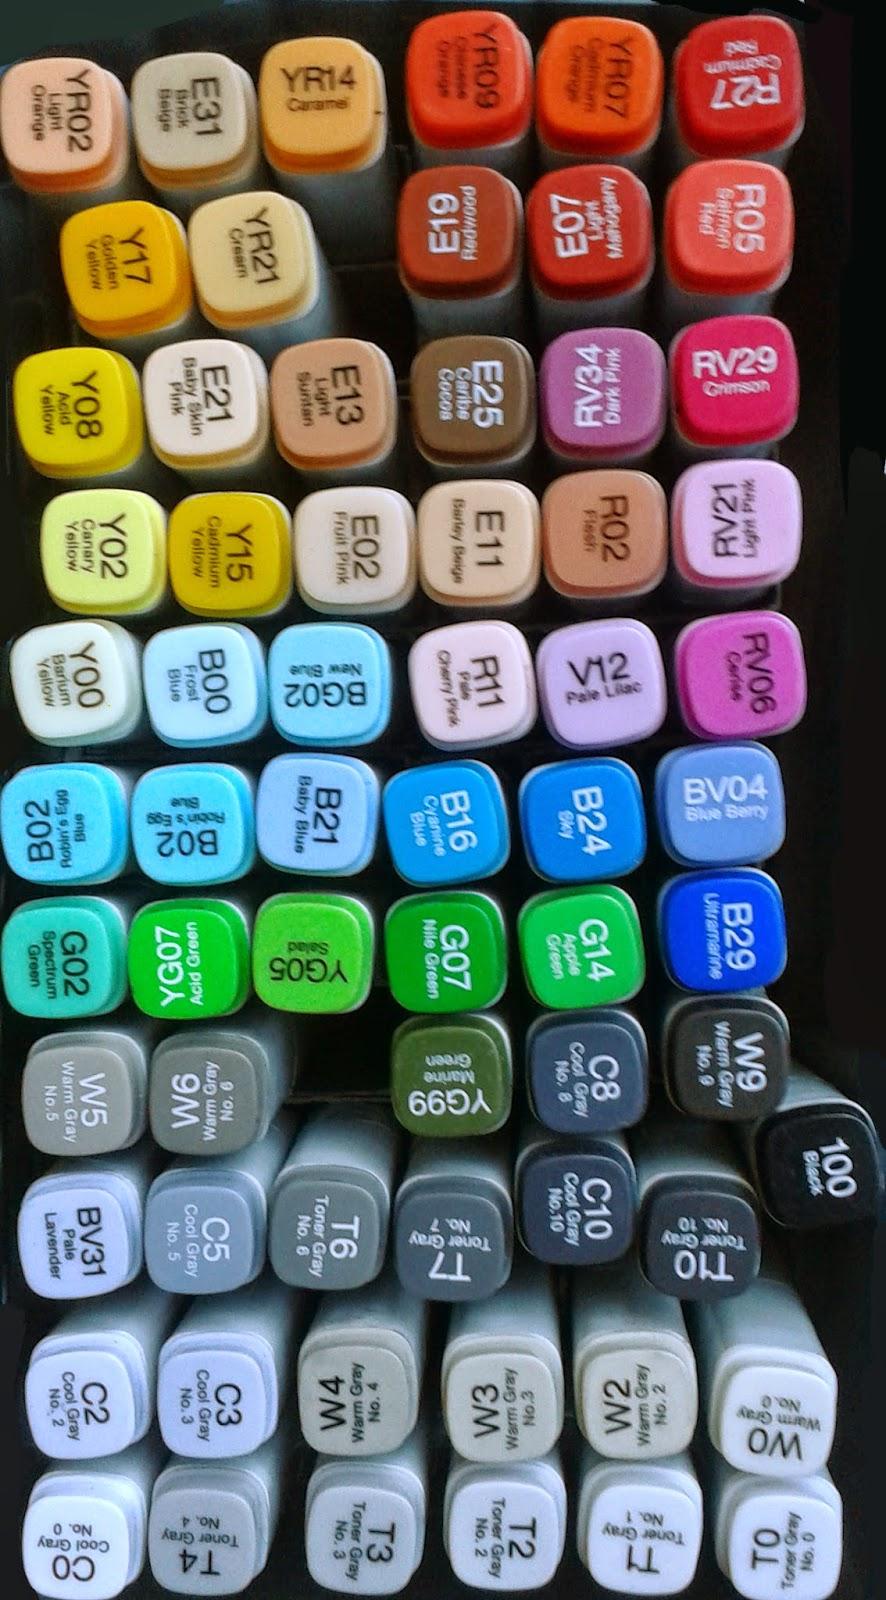 assortiment, concept design, Copic Markers, Copic Markers kopen, illustratie, kleuren, schaduw, schaduwwerking, tekenen net Copic Markers, tonen, welke Copic Markers moet ik kopen,